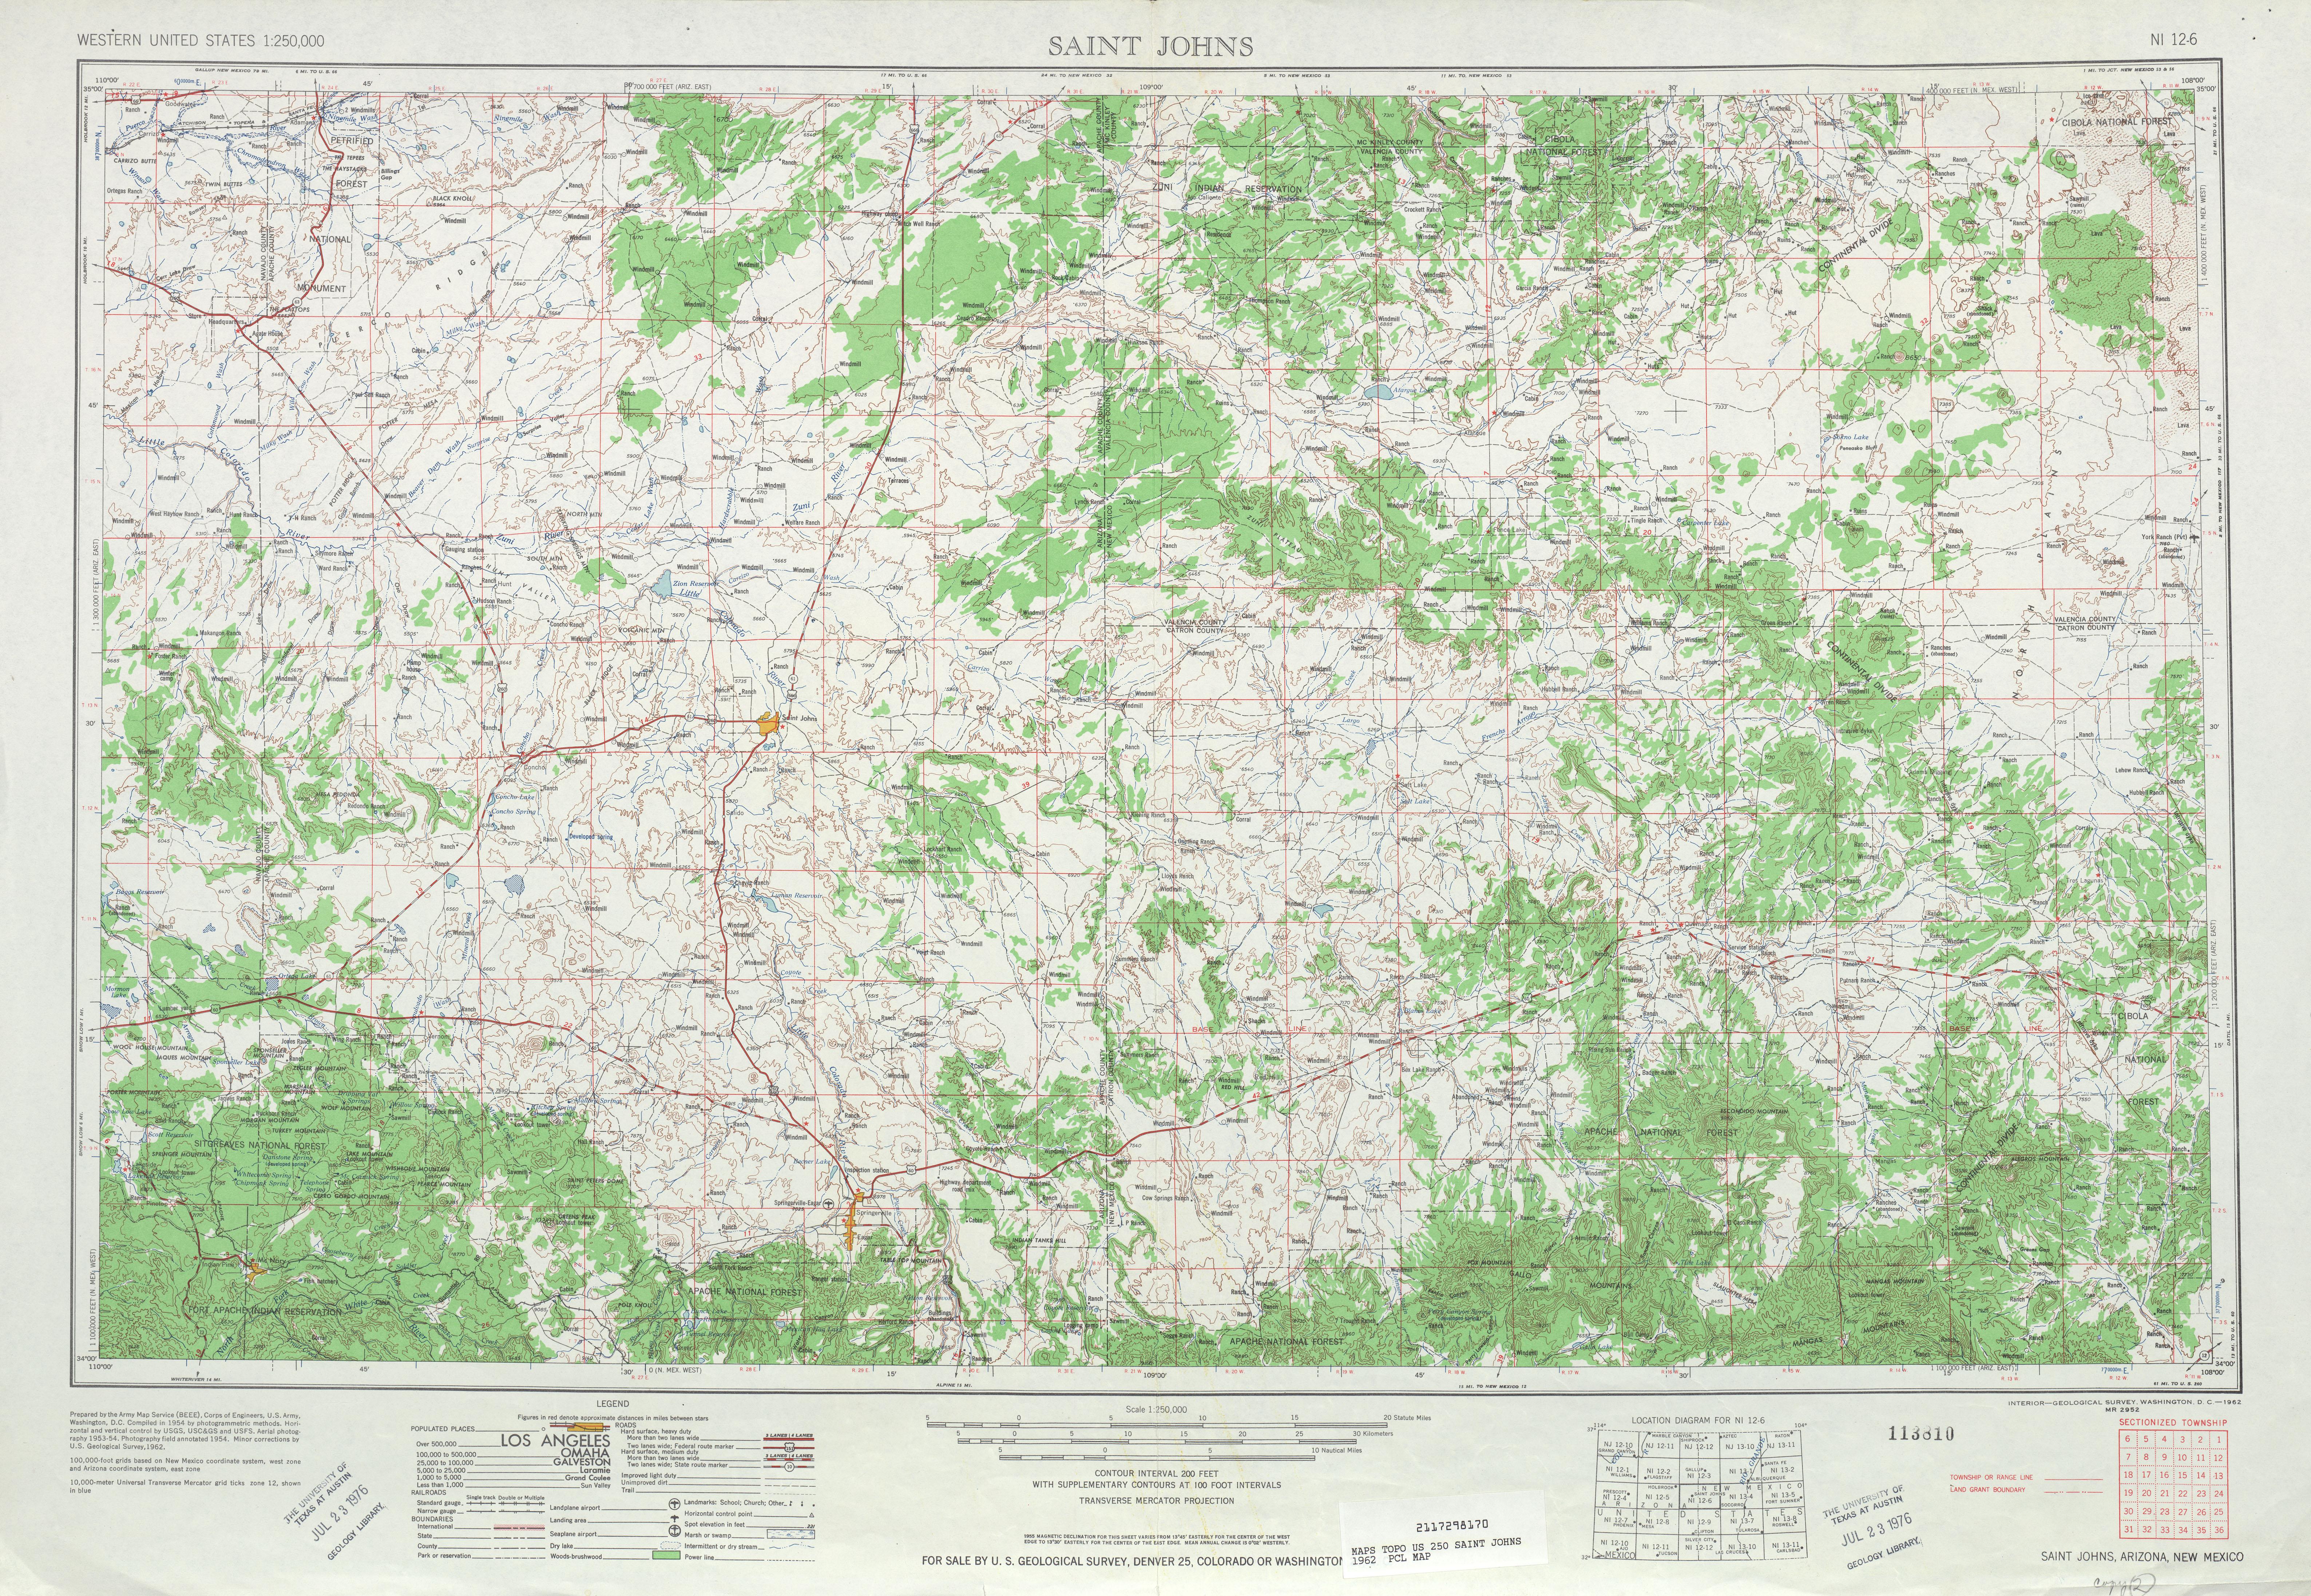 Hoja Saint Johns del Mapa Topográfico de los Estados Unidos 1962